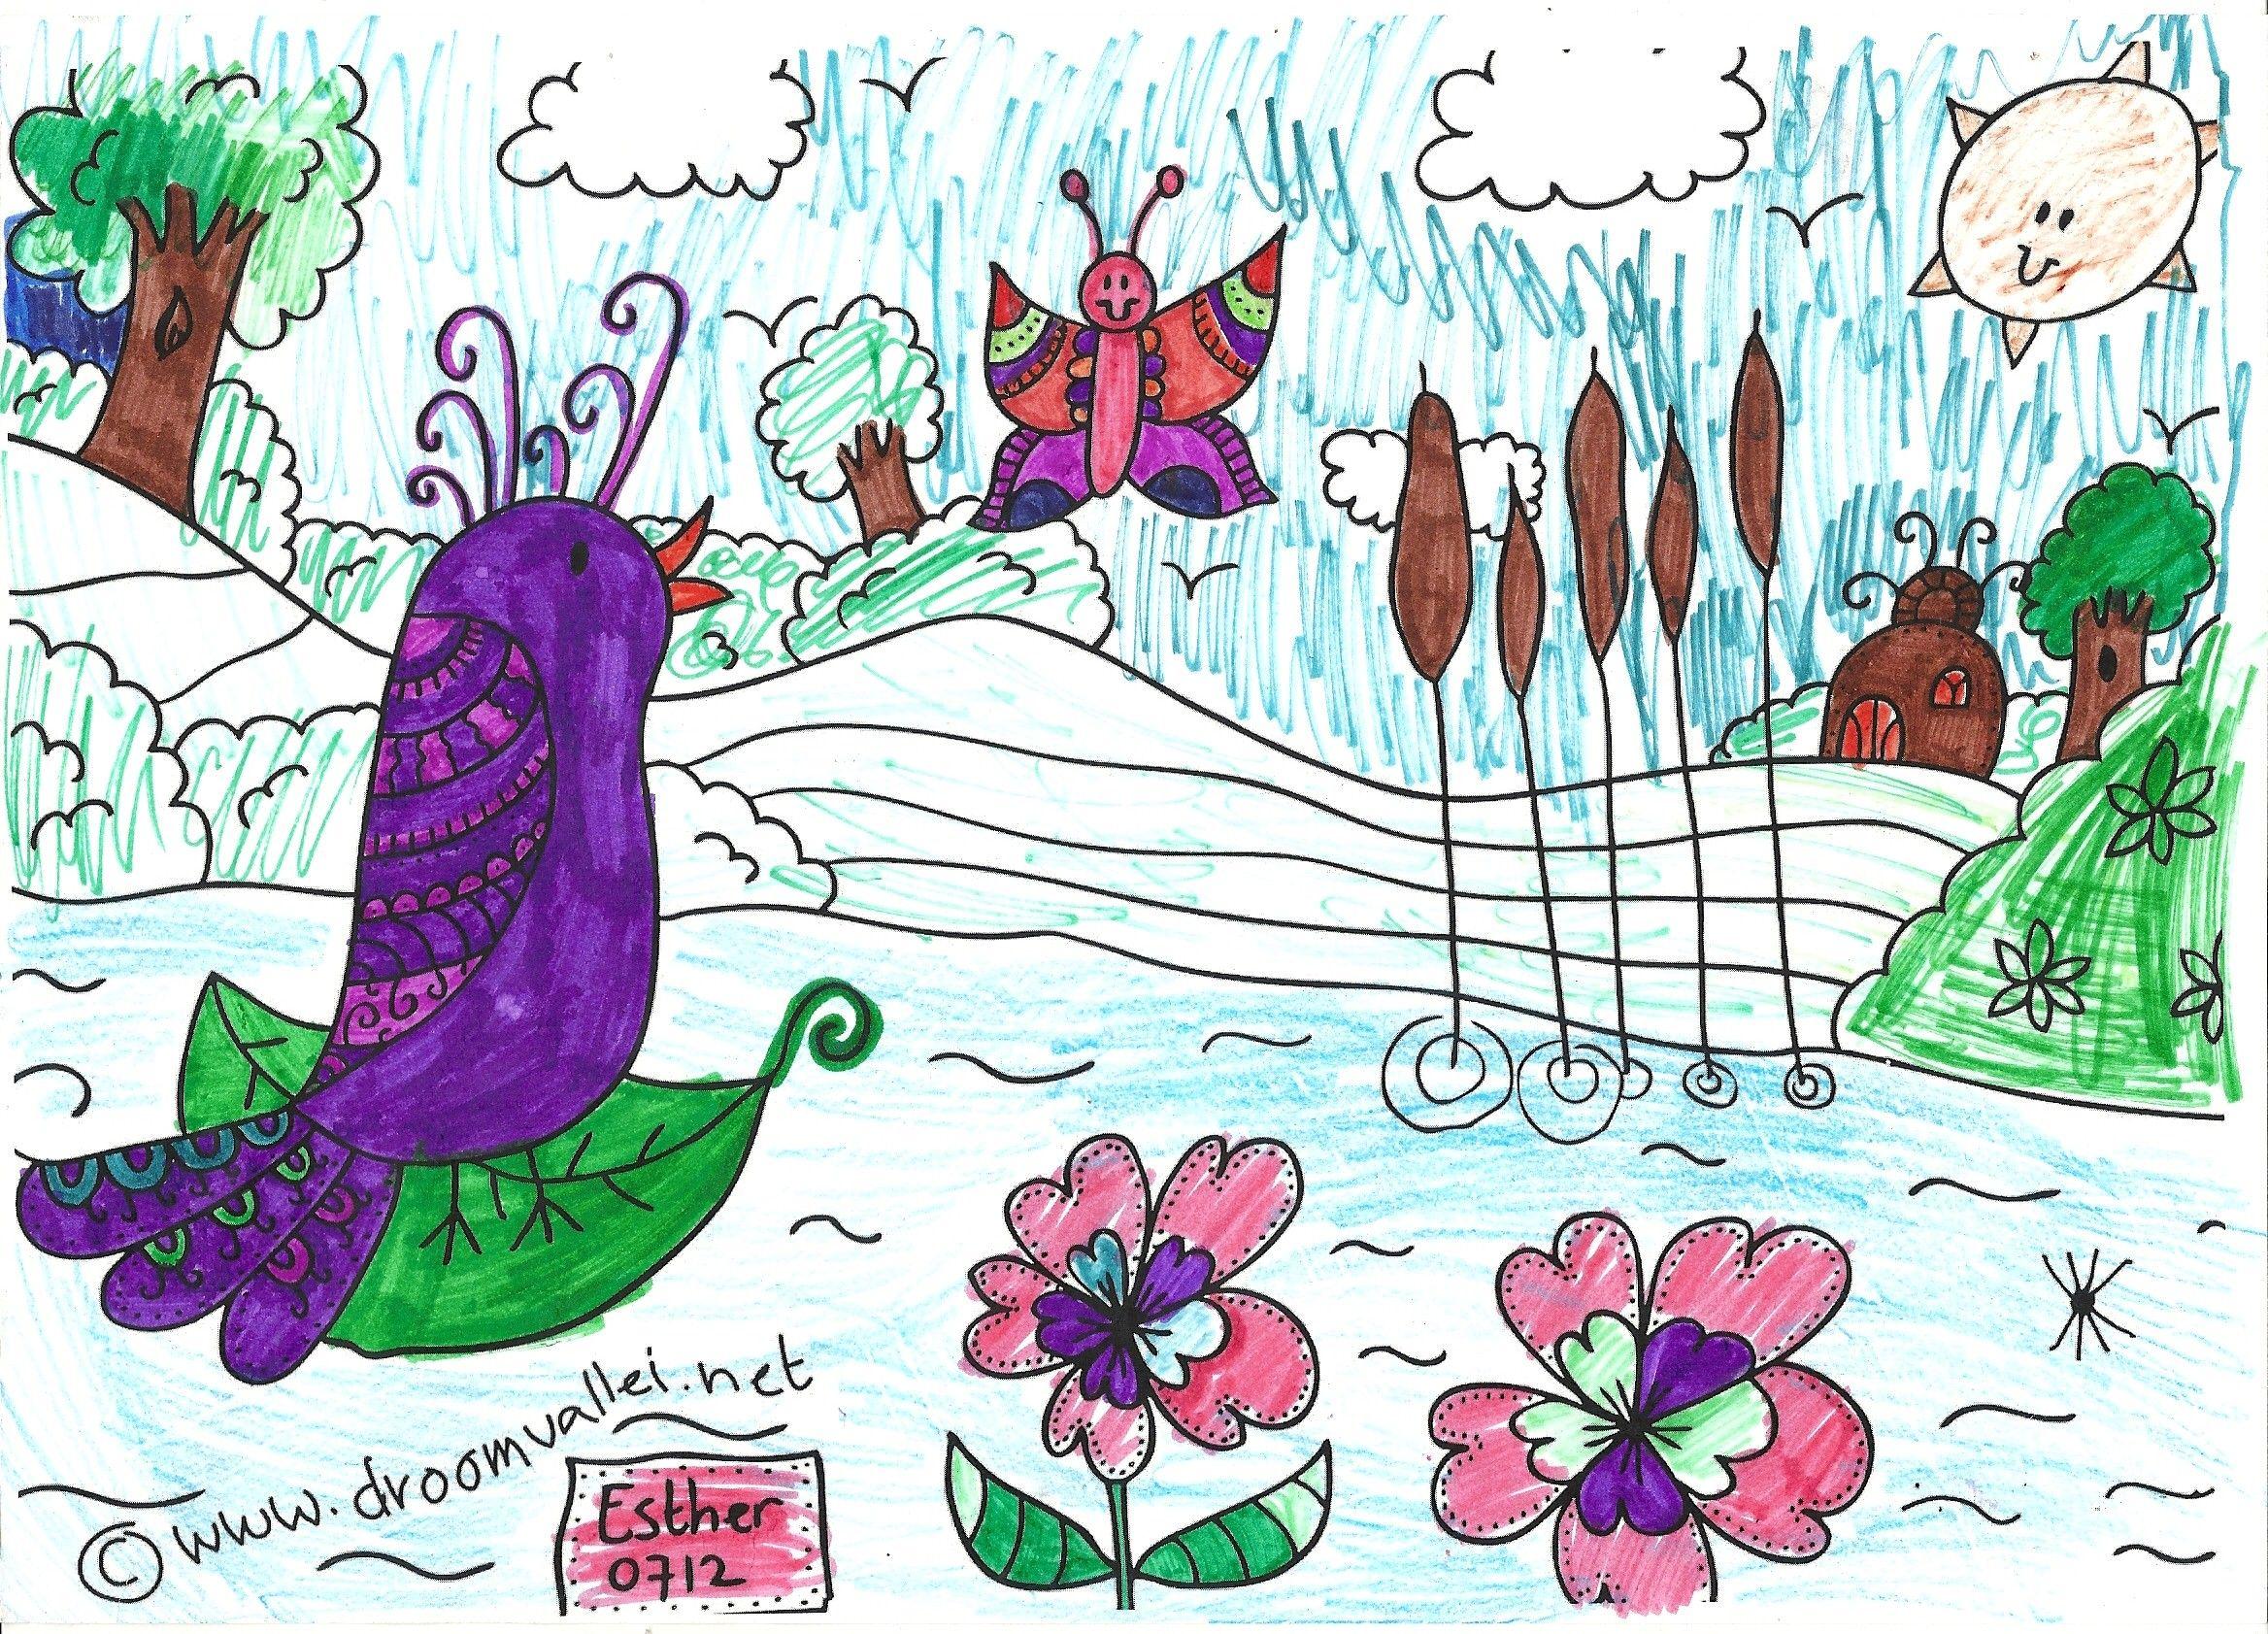 De Droomvallei Vogel Vera Kleurwedstrijd Is In Volle Gang Weer Zo Een Mooie Kleurplaat Van Een Yasmijn Ze Is Acht Oh Nee Zeven Wil Kleurplaten Vogels